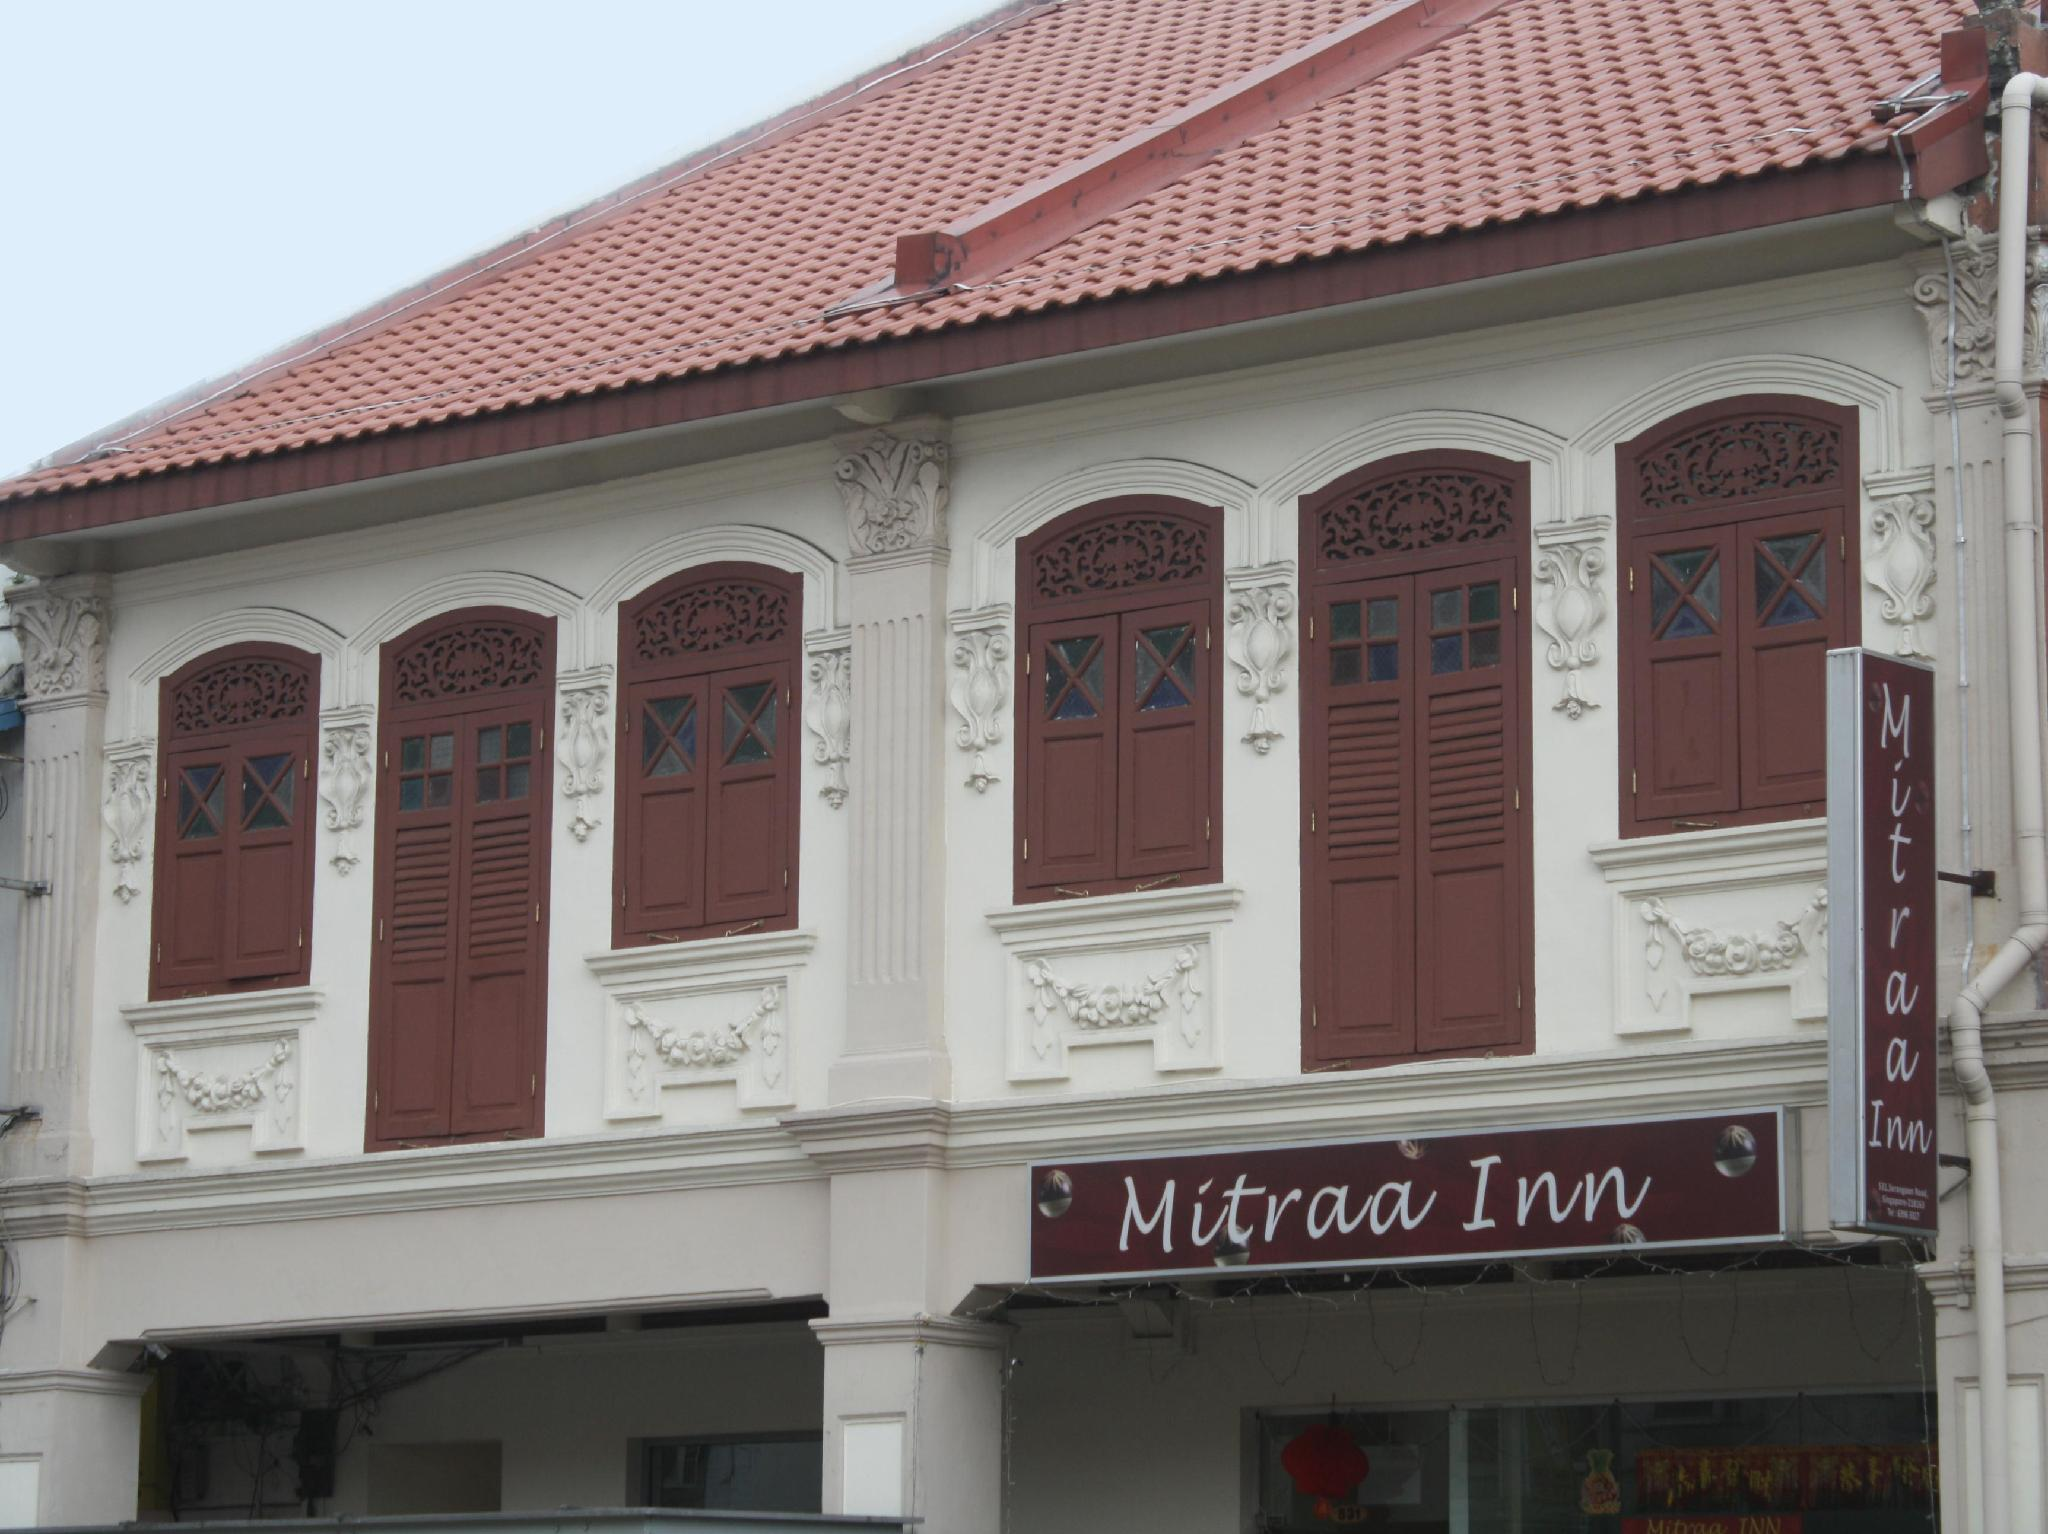 Mitraa Inn